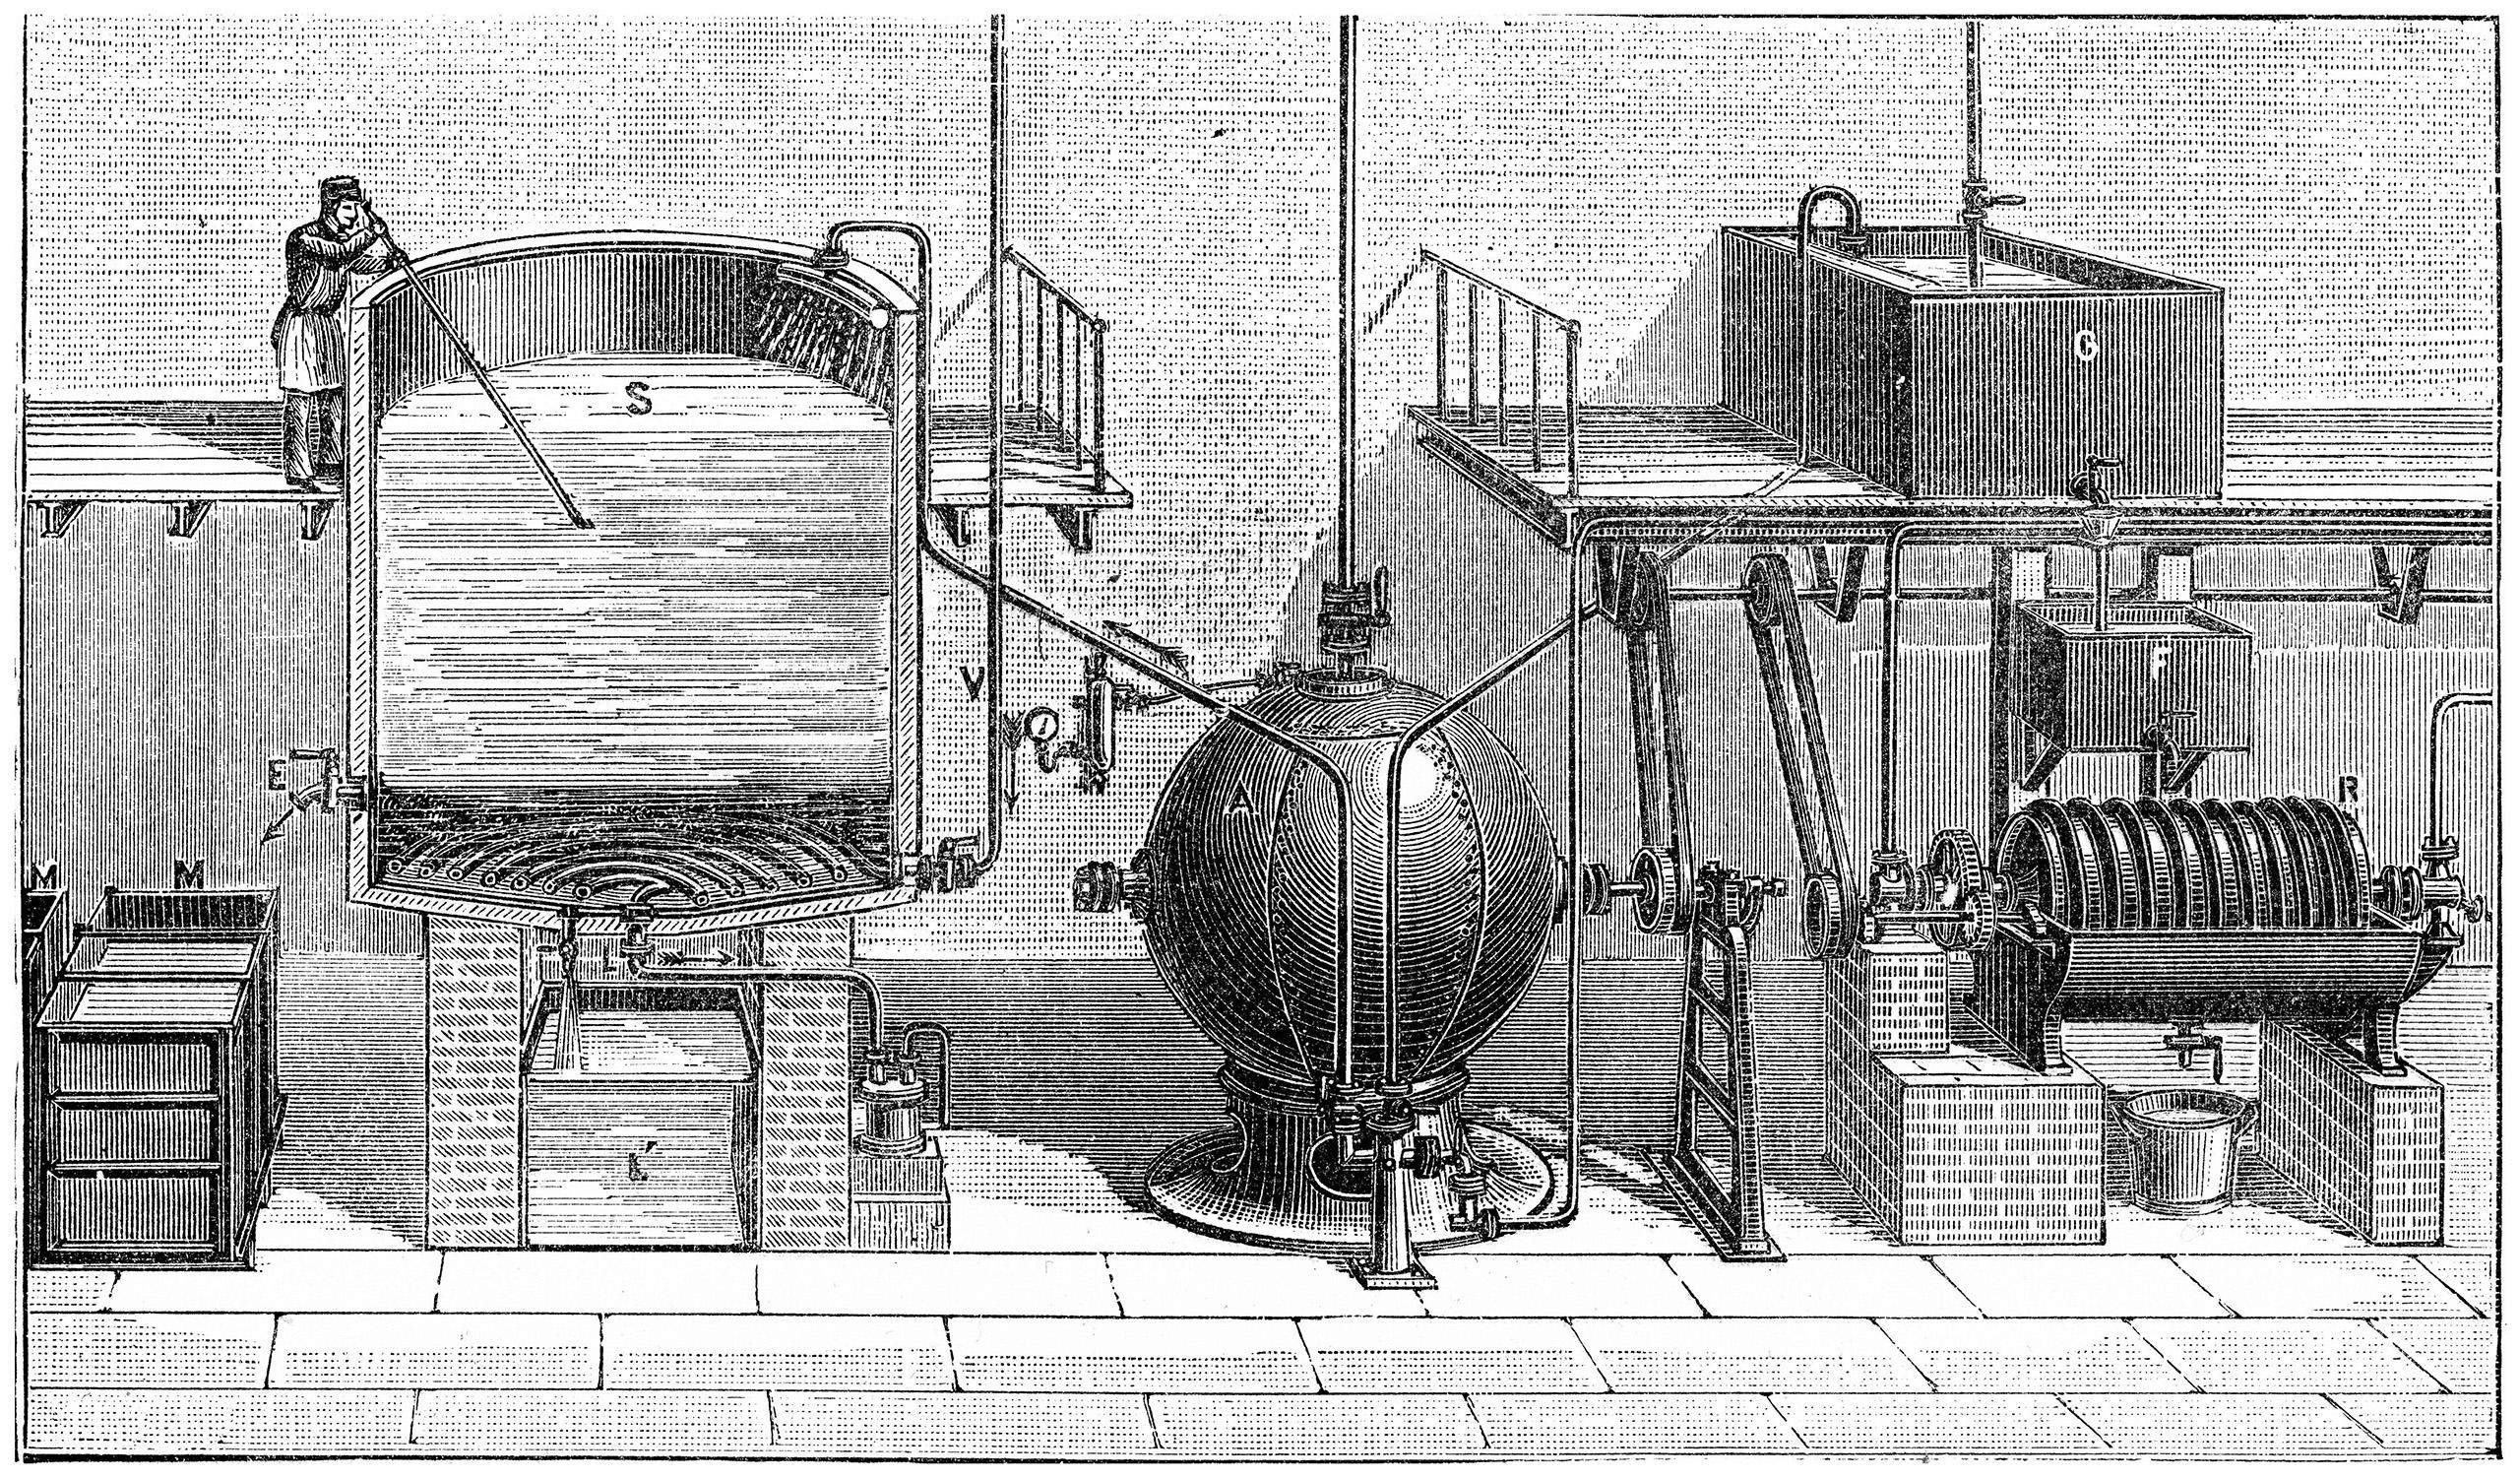 19世纪法国的工业制皂工艺,摘自《工业与工业艺术百科全书》, E. O. Lami,1881-88, 第8卷,第82页(图片来源:Alamy)